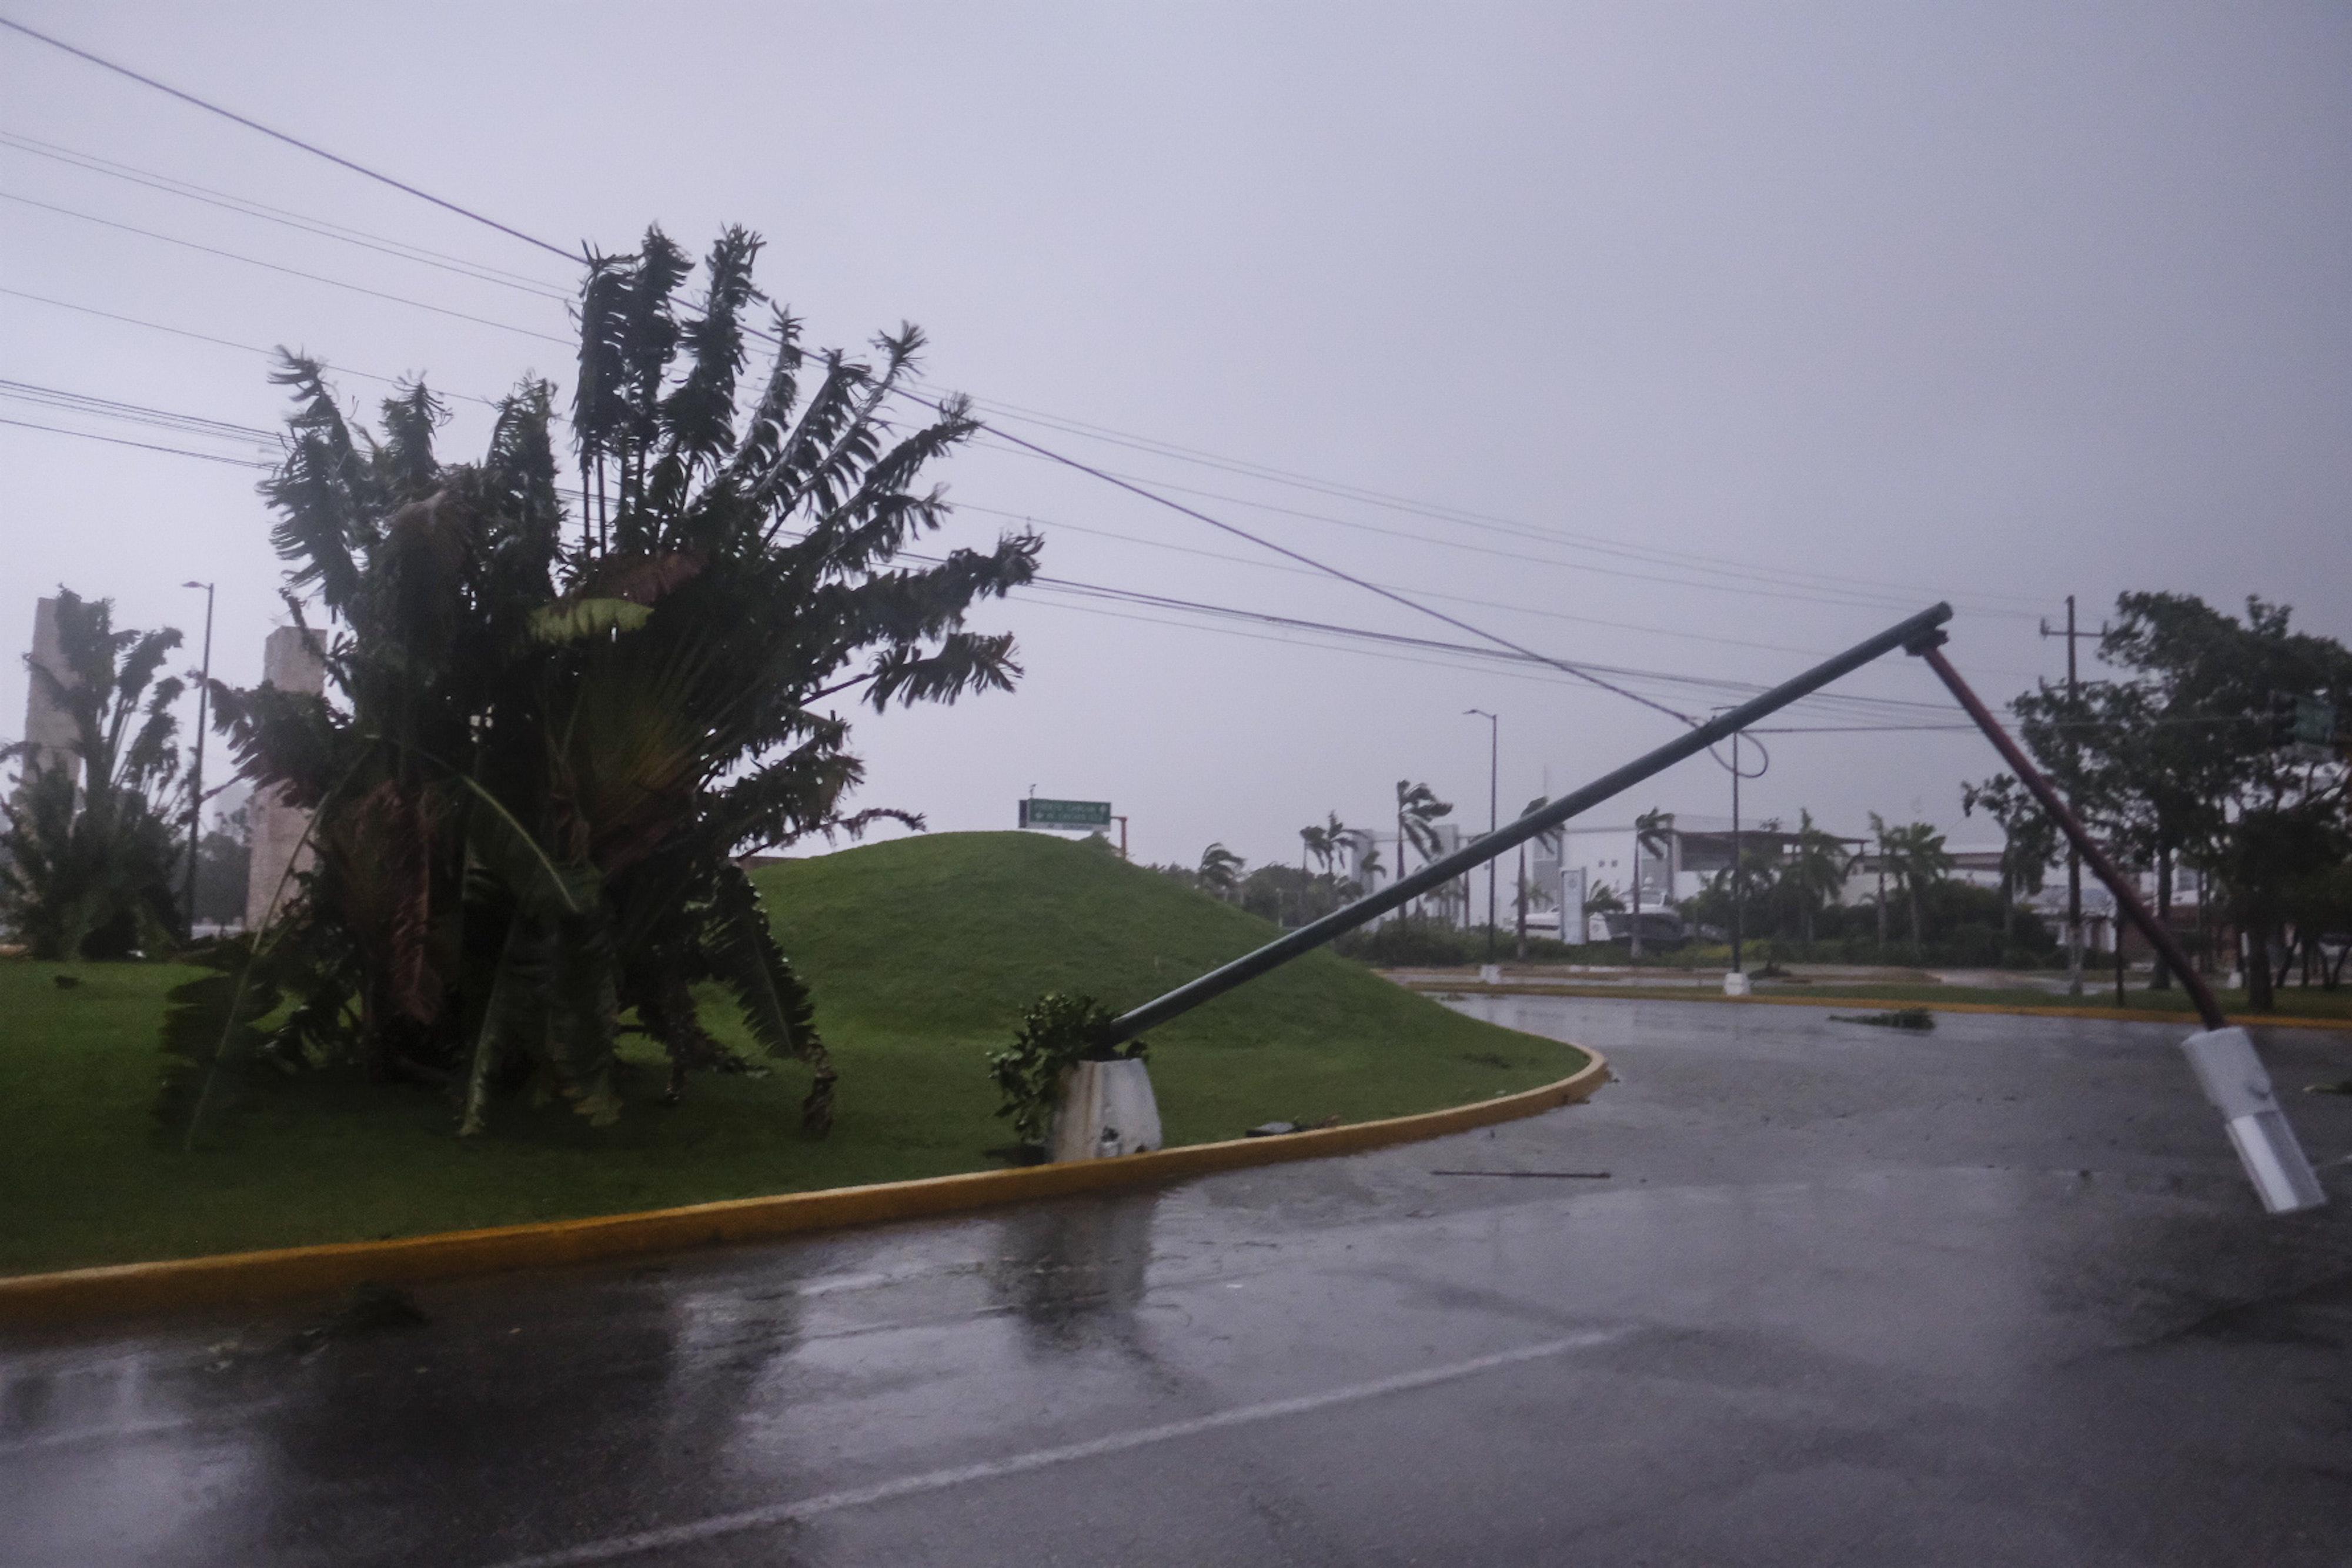 Un poste de luz se inclina sobre una calle después del paso del huracán Delta en Cancún, México, el miércoles 7 de octubre de 2020.